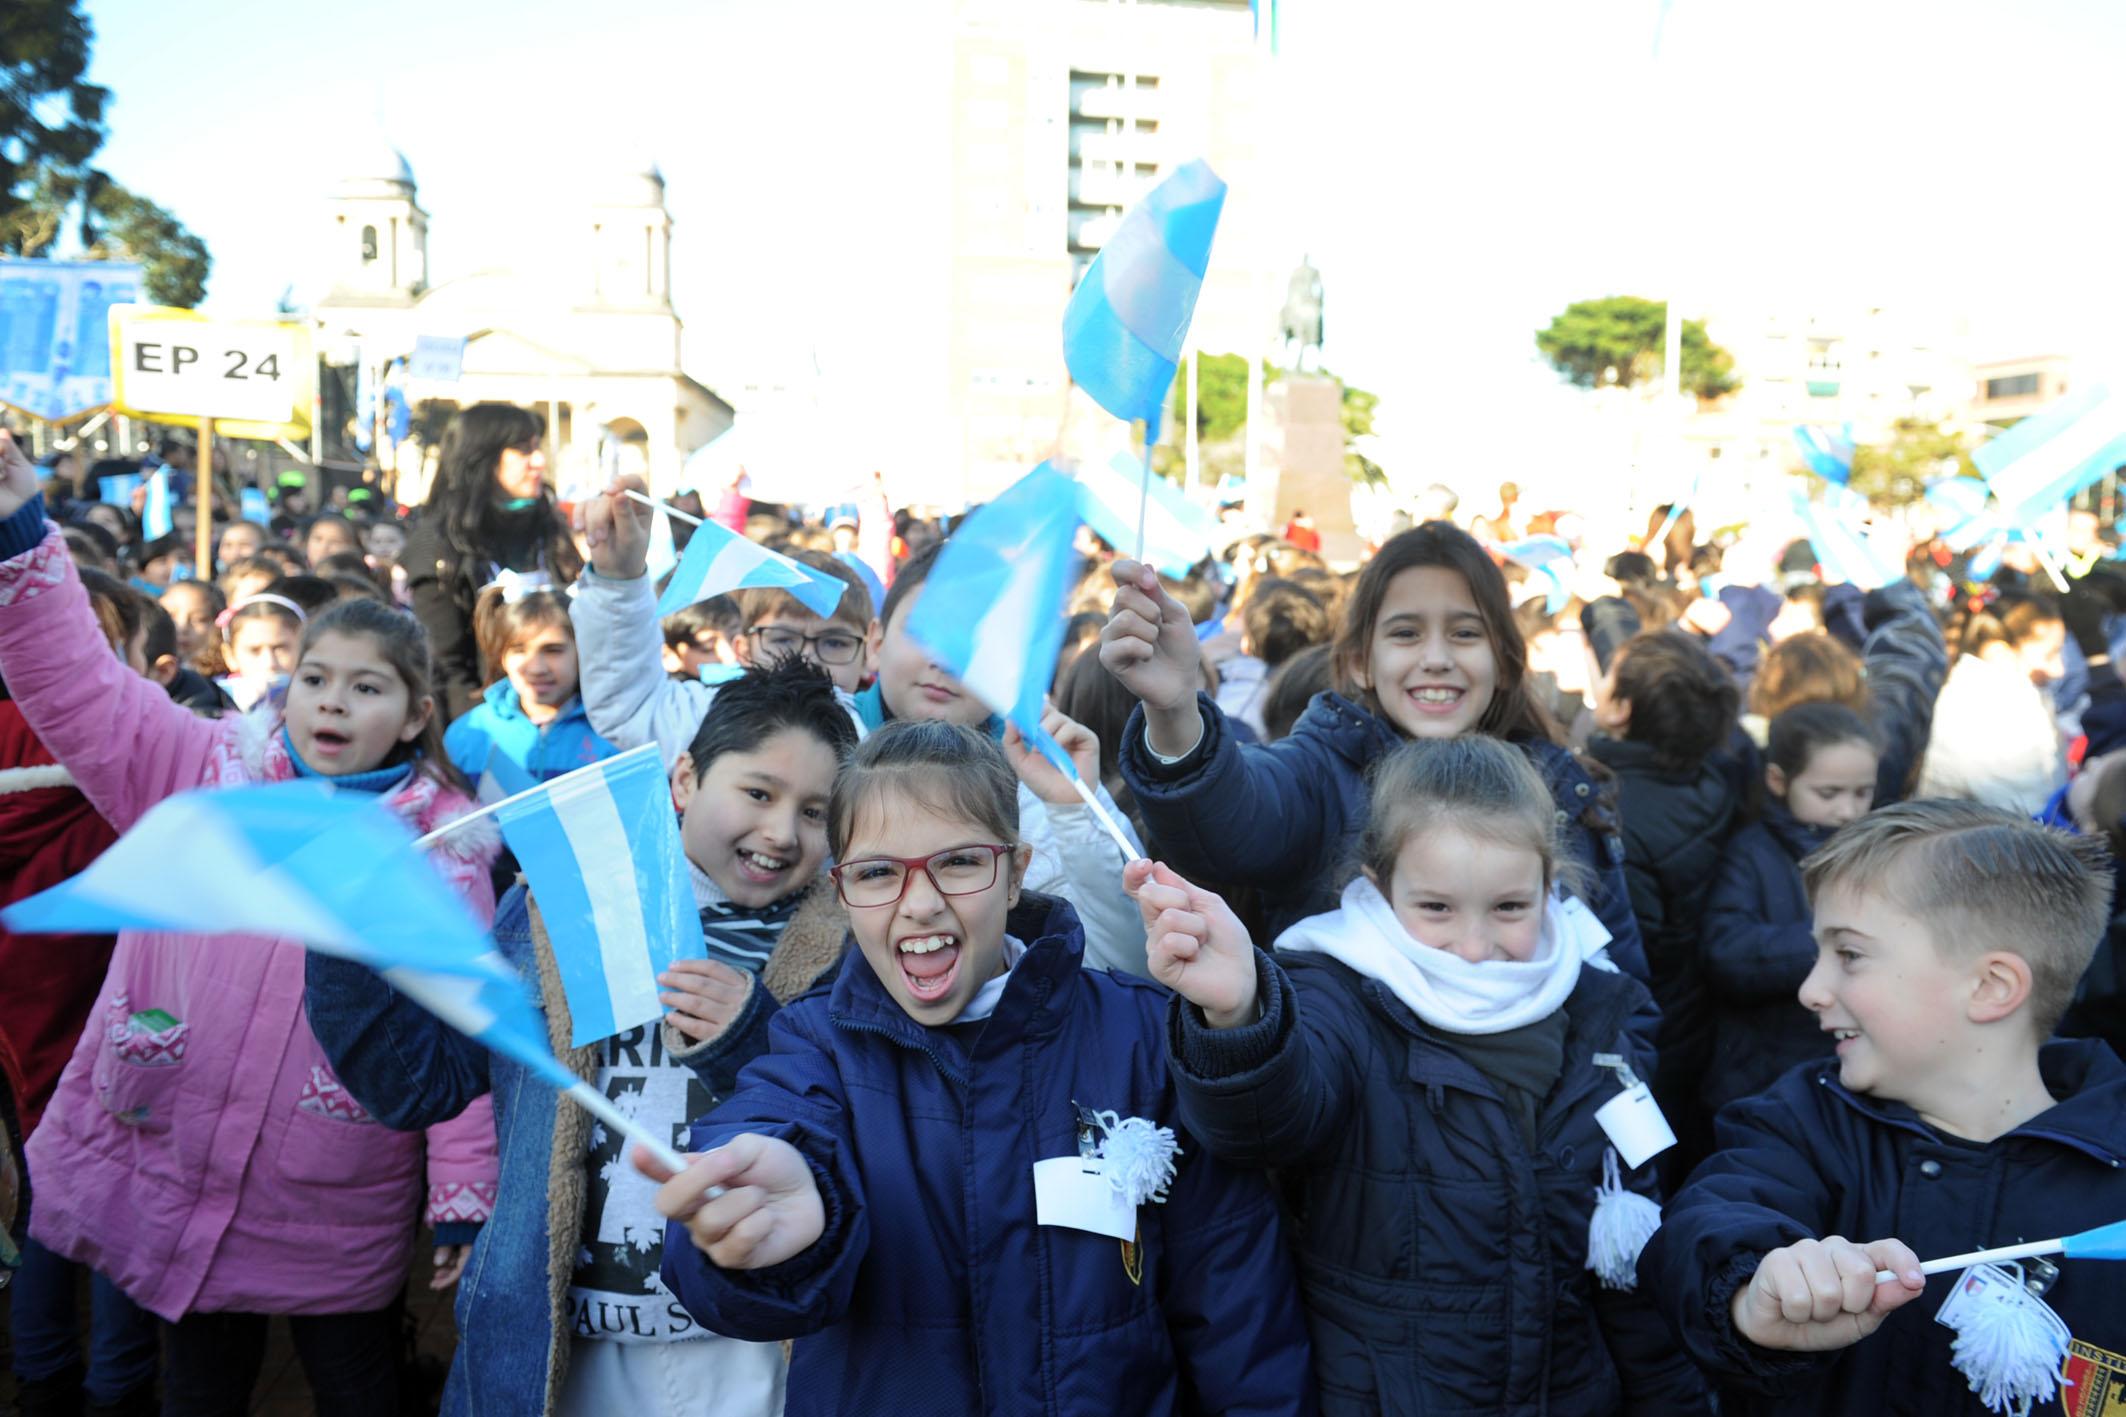 22-06-2016 - Unos 3.500 chicos de Morón prometieron lealtad a la bandera 1